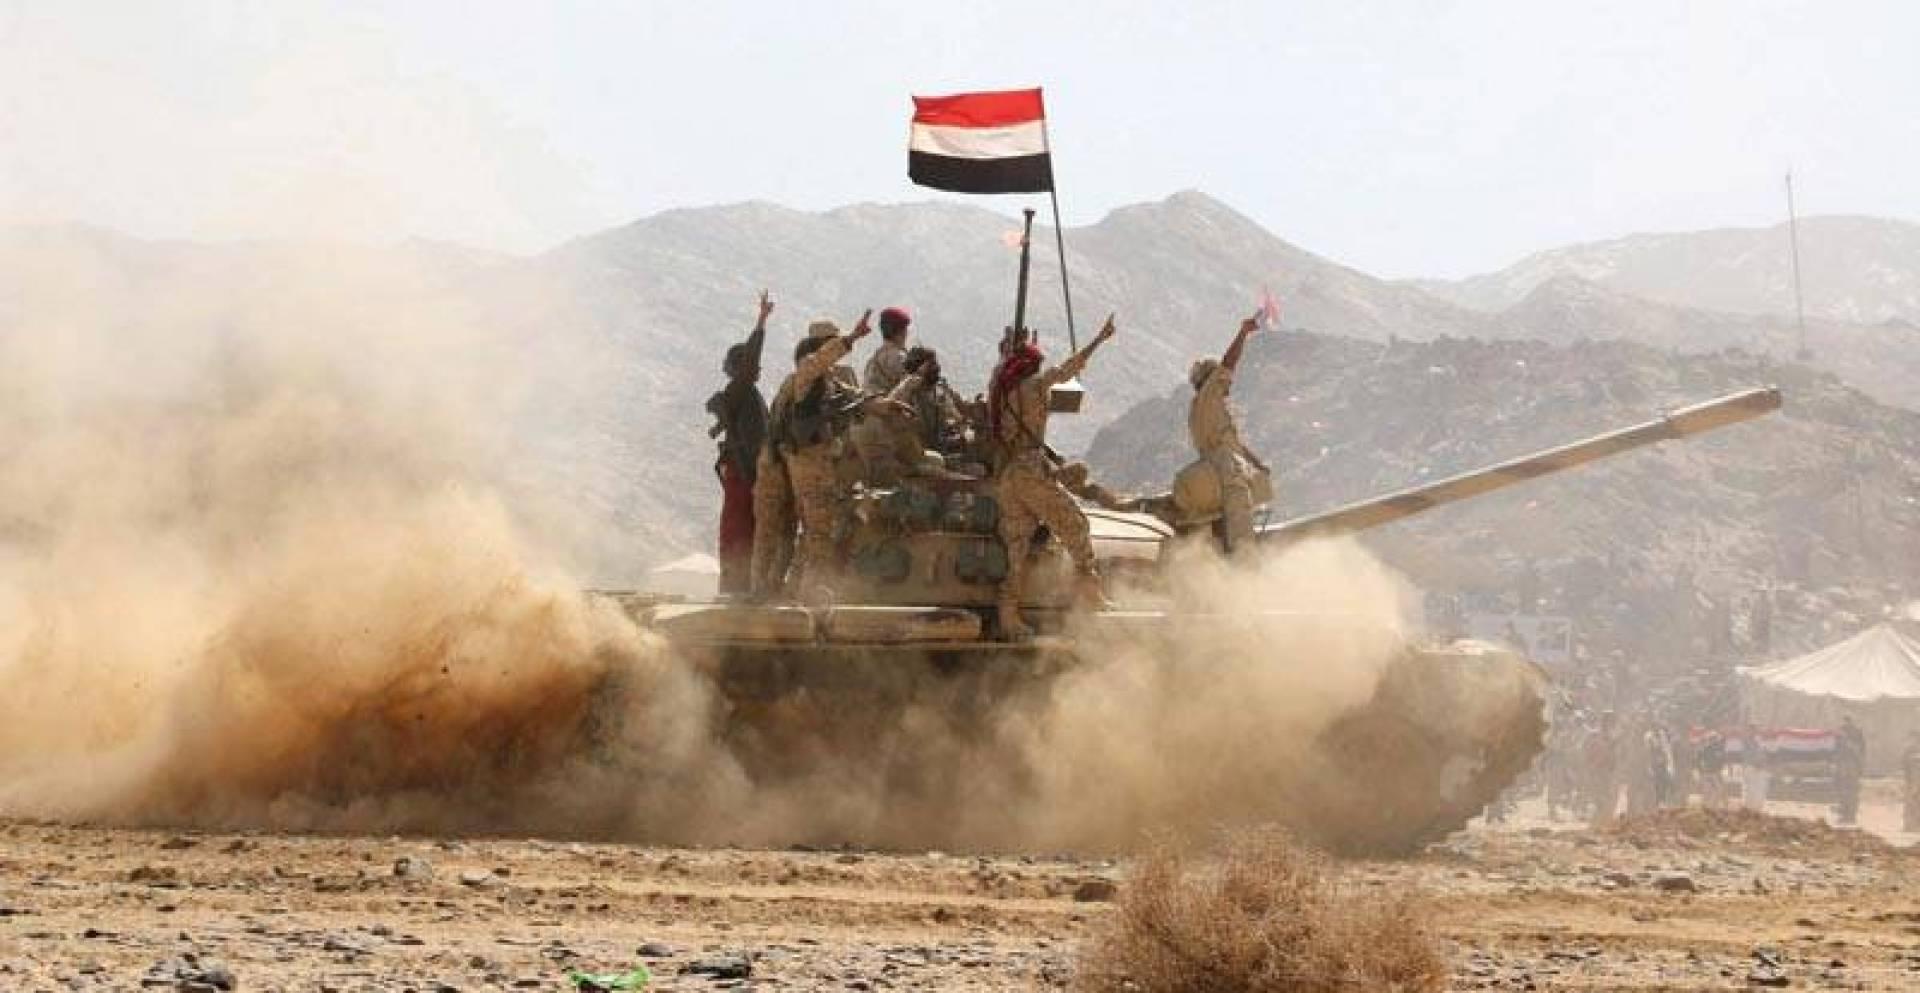 اليمن: انفراجة بأزمة الجنوب تعزّز  الشرعية